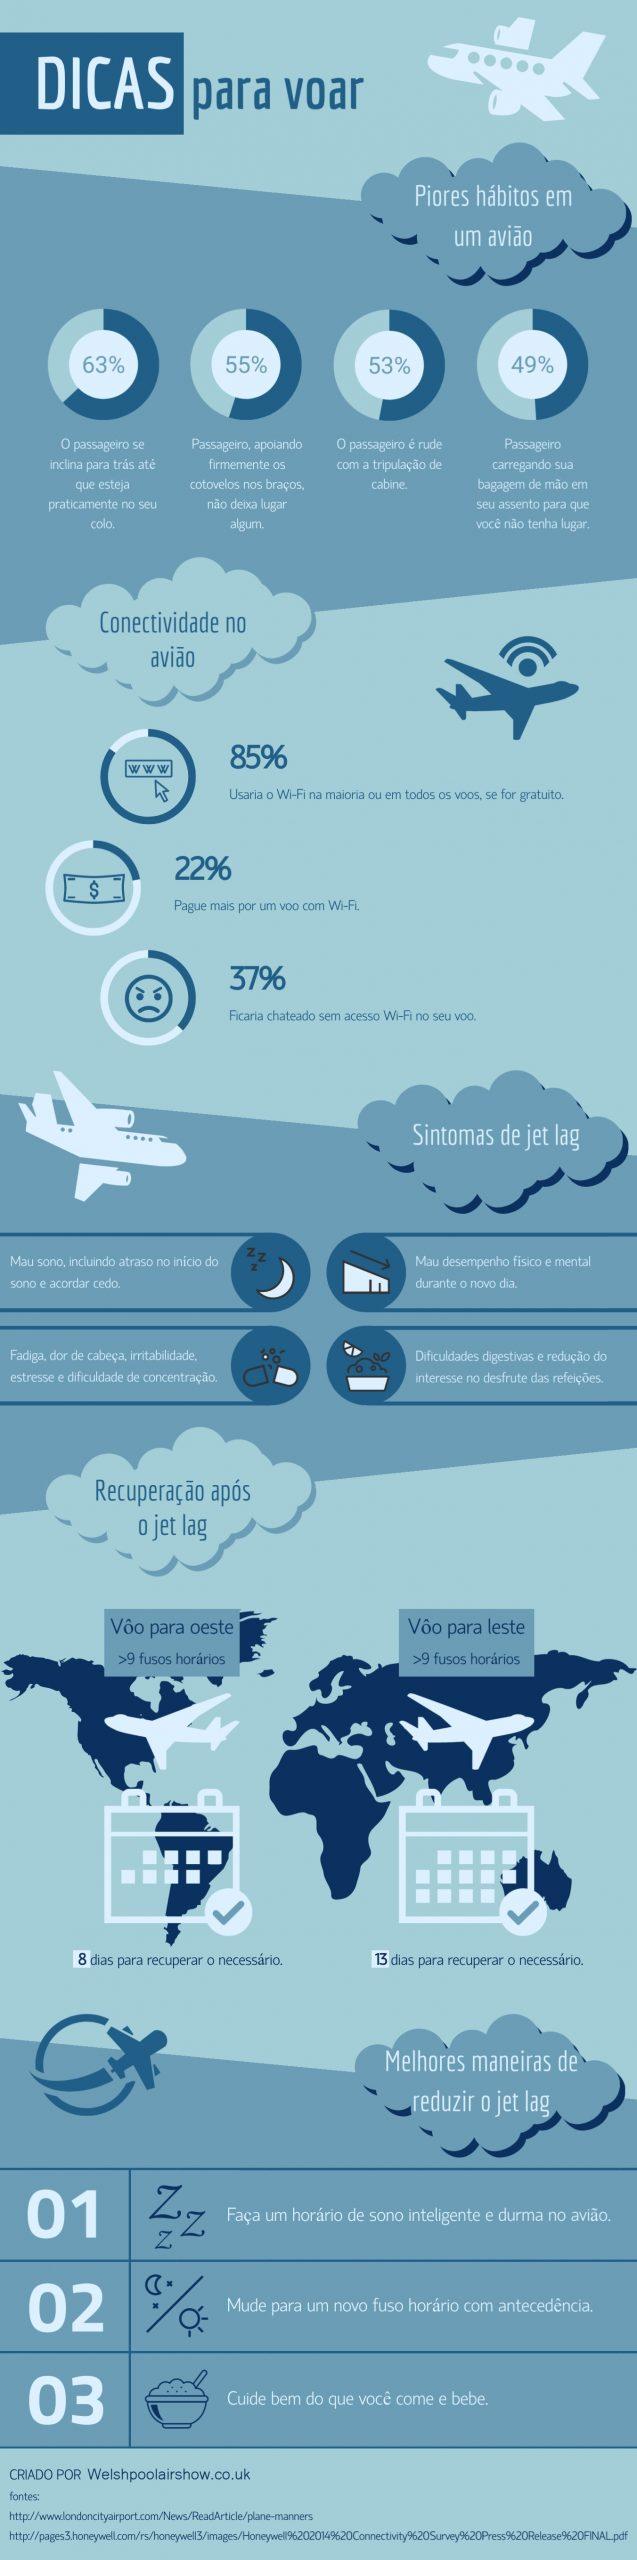 Dicas para voar infografico